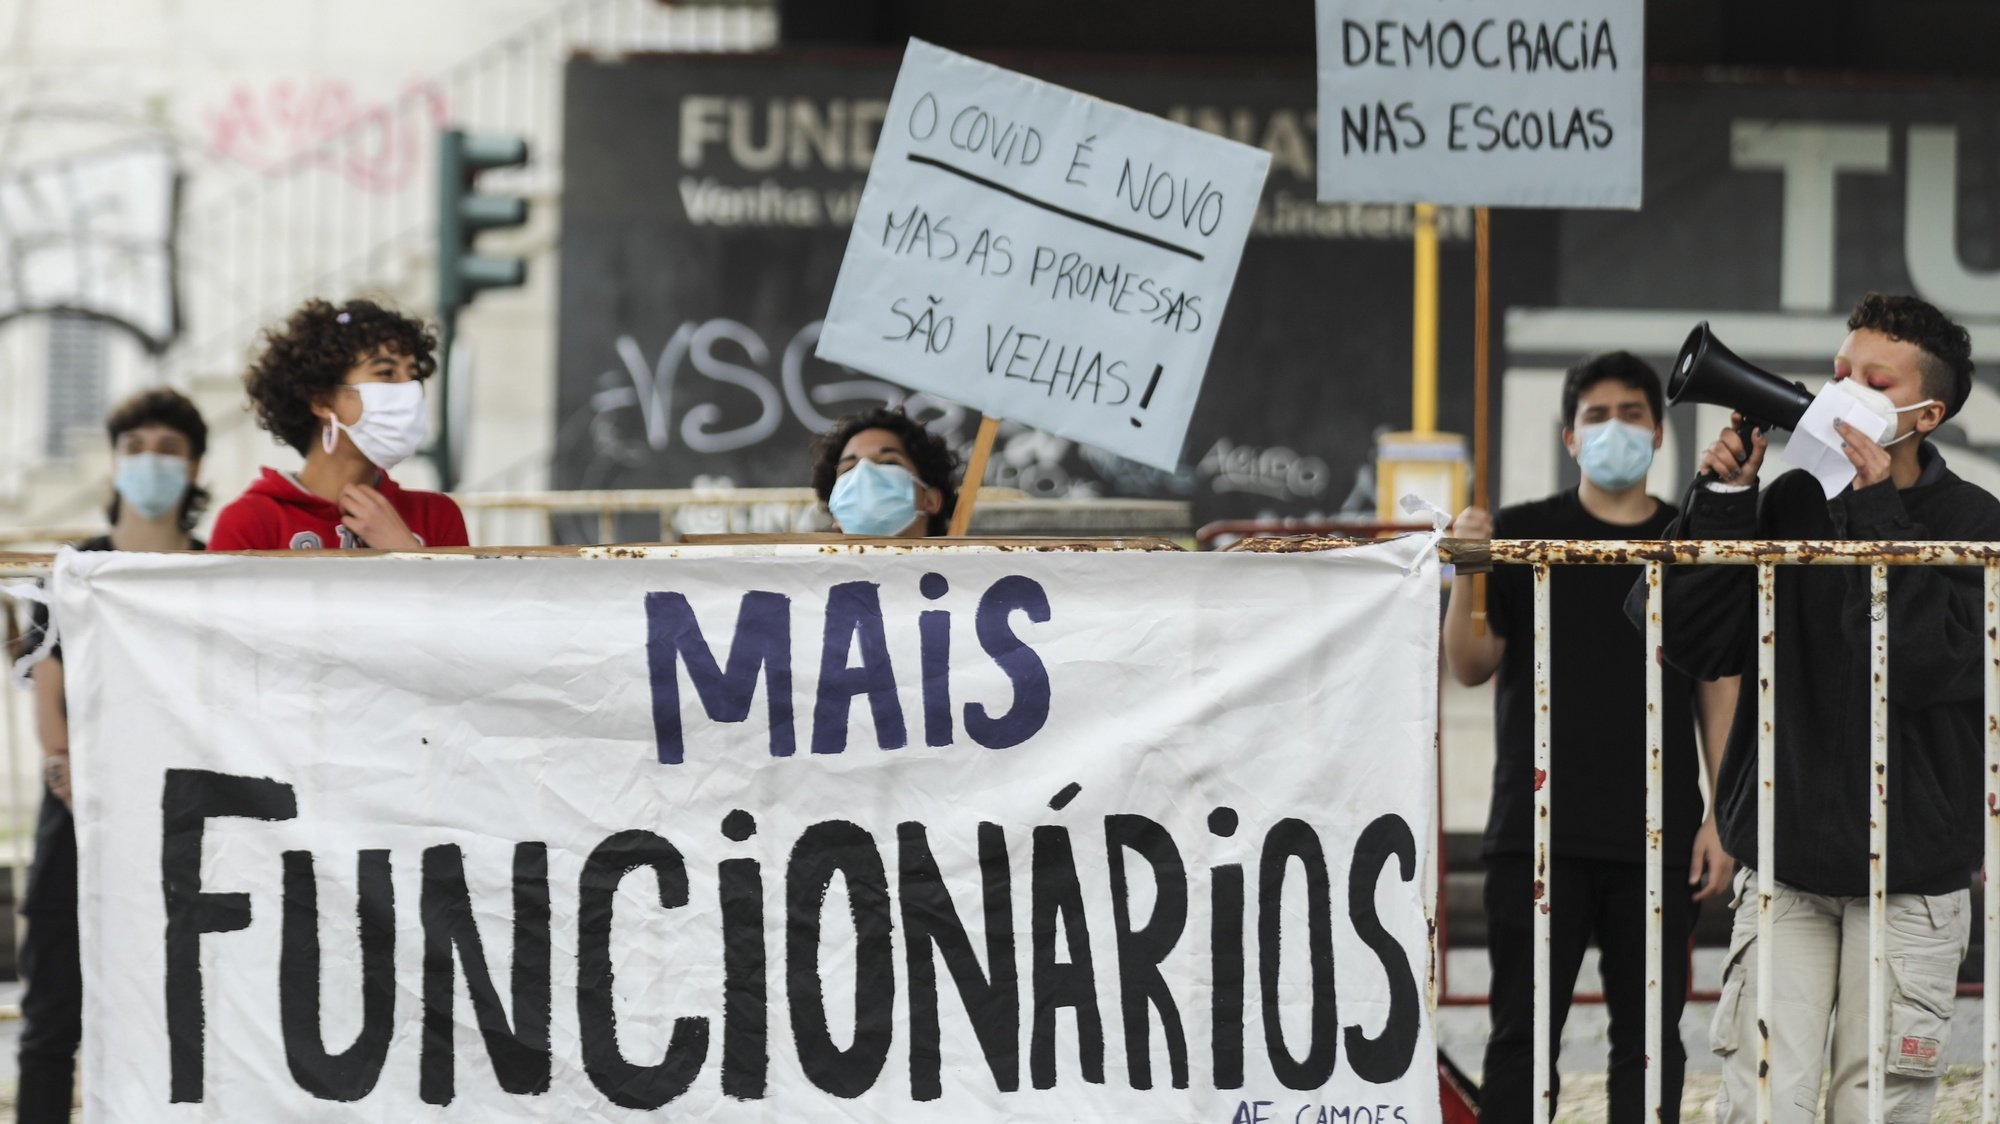 Alunos da Escola Artística António Arroio e da Escola Secundária de Camões participam num protesto contra a falta de condições nas escolas, que dizem agravada pela pandemia de covid-19, nomeadamente a falta de professores e funcionários nas escolas e a degradação das infraestruturas, esta tarde em frente ao Ministério da Educação em Lisboa, 29 de abril de 2021. MIGUEL A. LOPES/LUSA